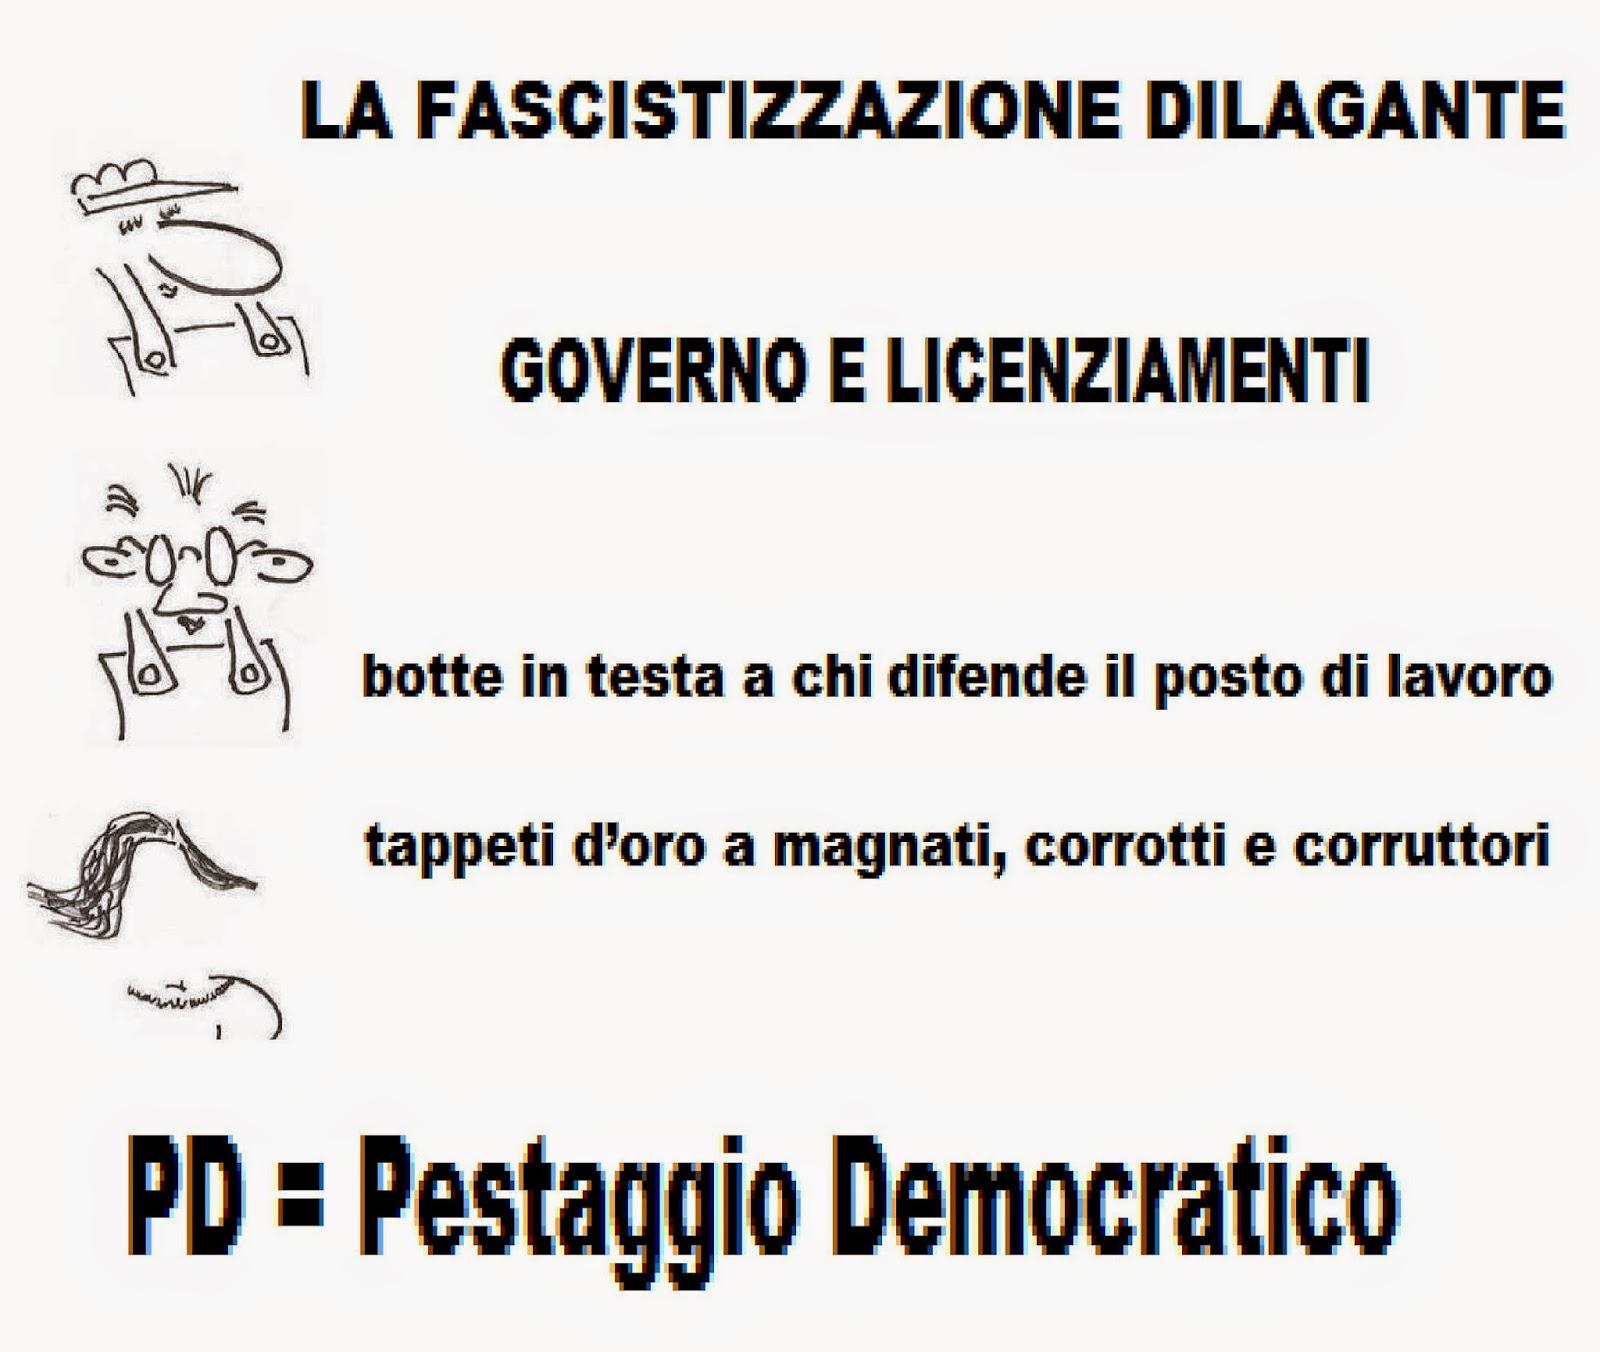 Risultati immagini per fascistizzazione immagini